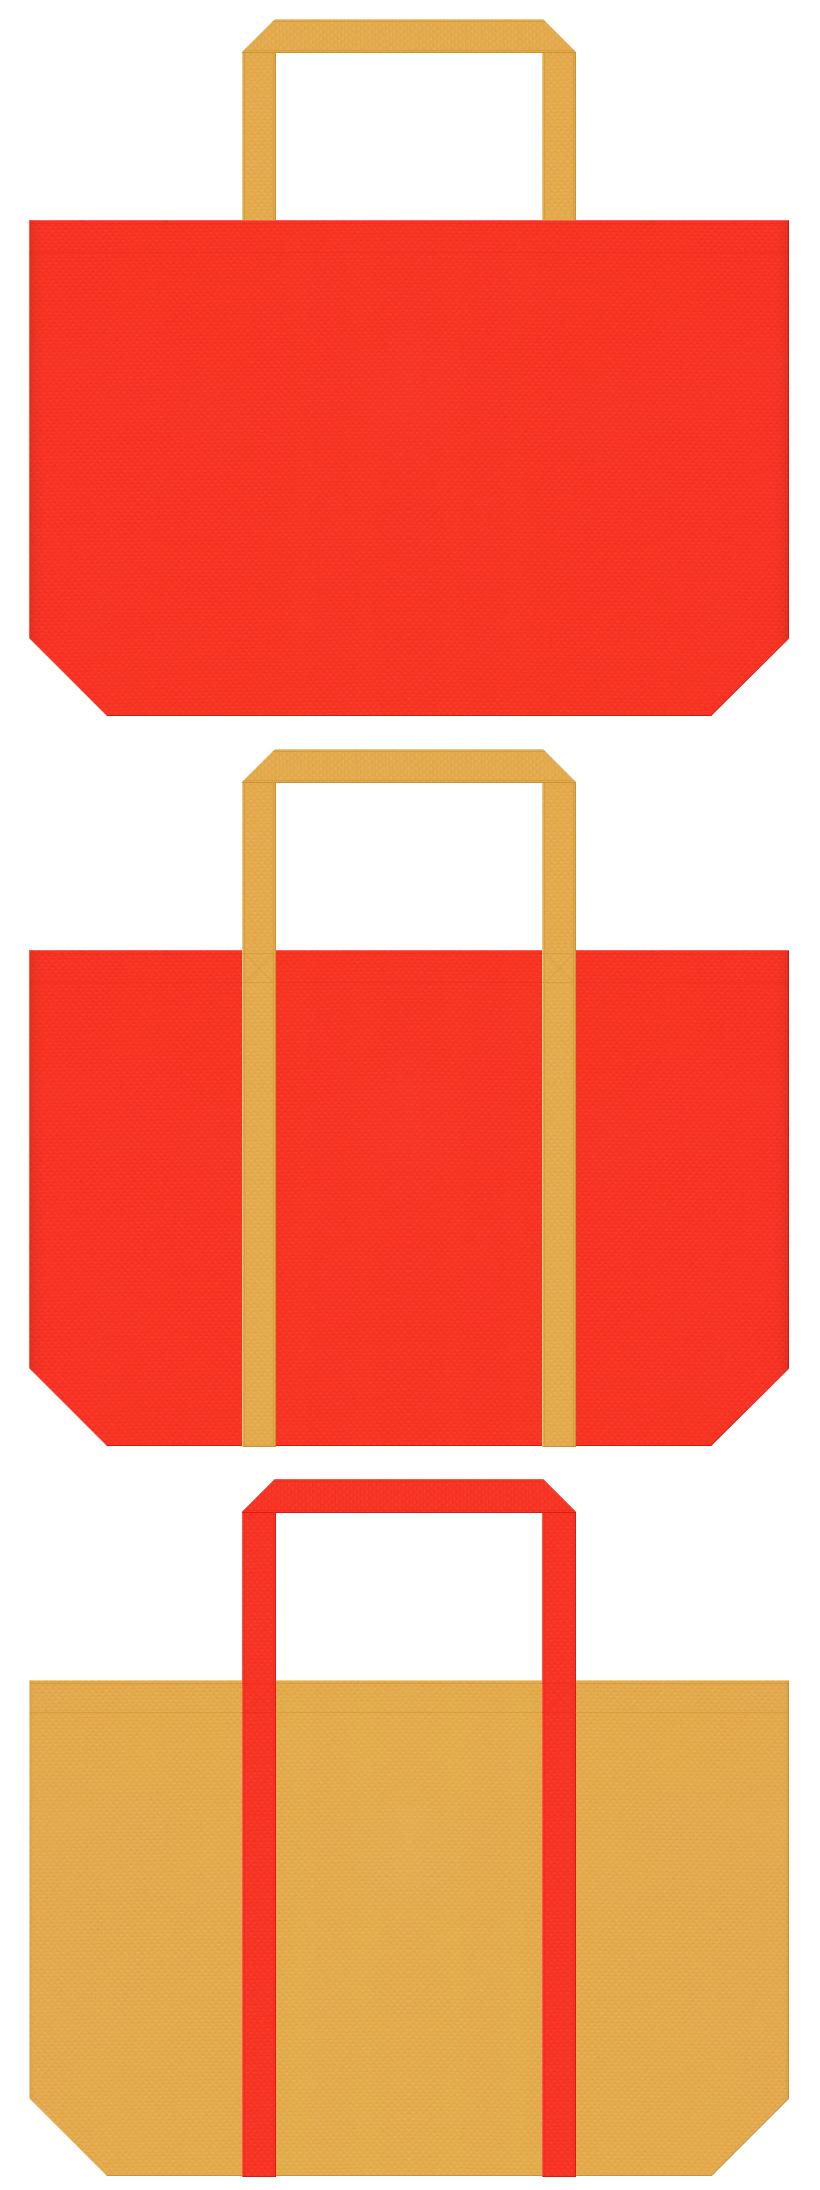 オレンジ色と黄土色の不織布バッグデザイン。オニオンスープ風な配色で、キッチン商品の販促ノベルティやショッピングバッグにお奨めです。